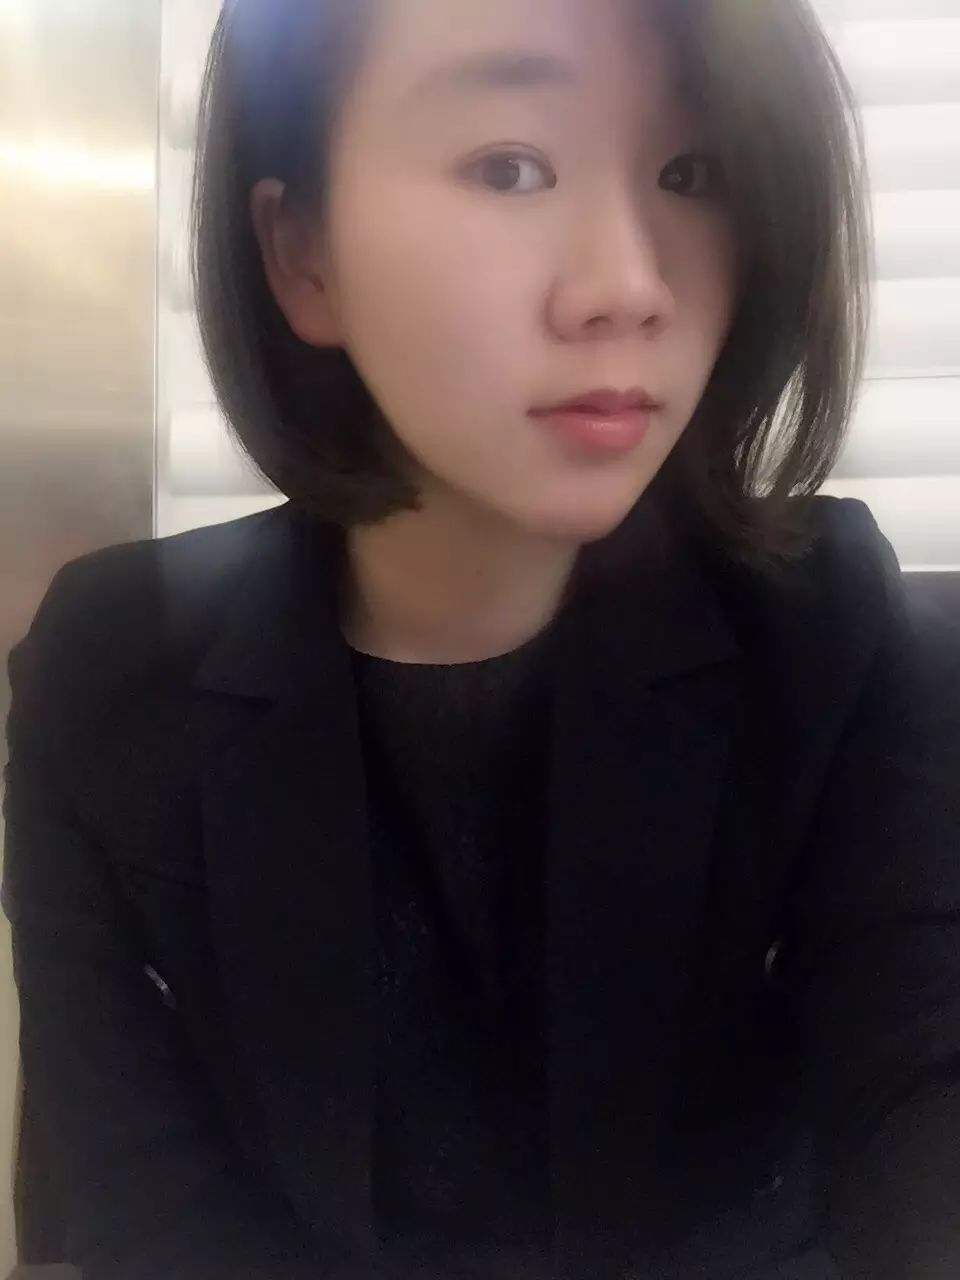 【女神NO.30期】♀鲁晓梅(大路人)